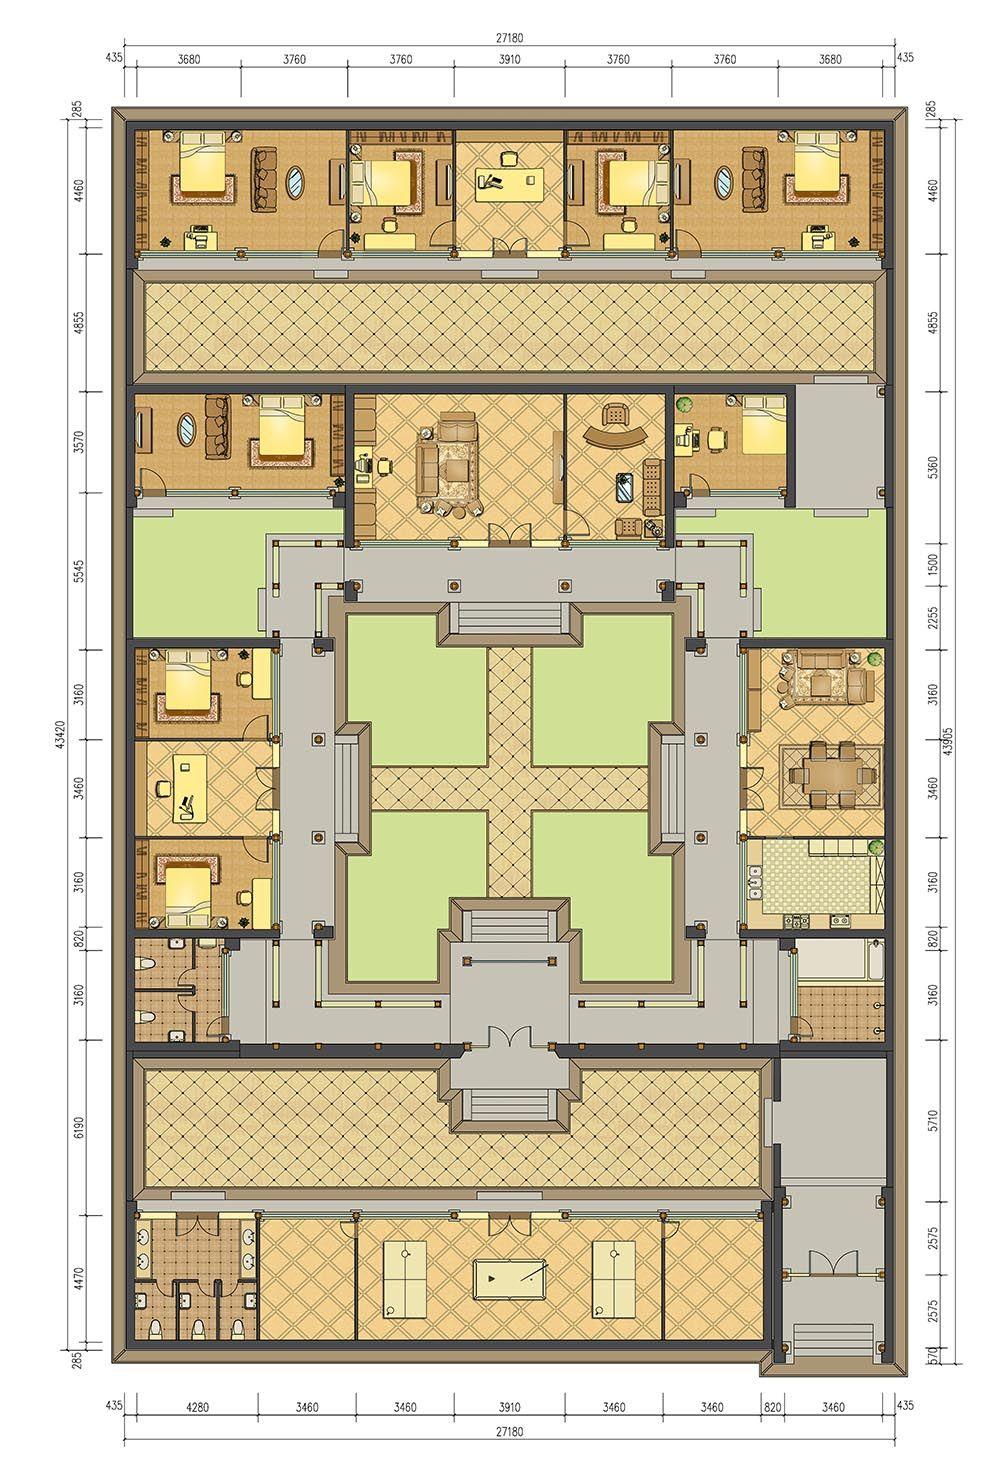 Plan Maison Traditionnelle Japonaise cgagtfcdwn6ailqkaasghuaecs8714 | plan maison architecte